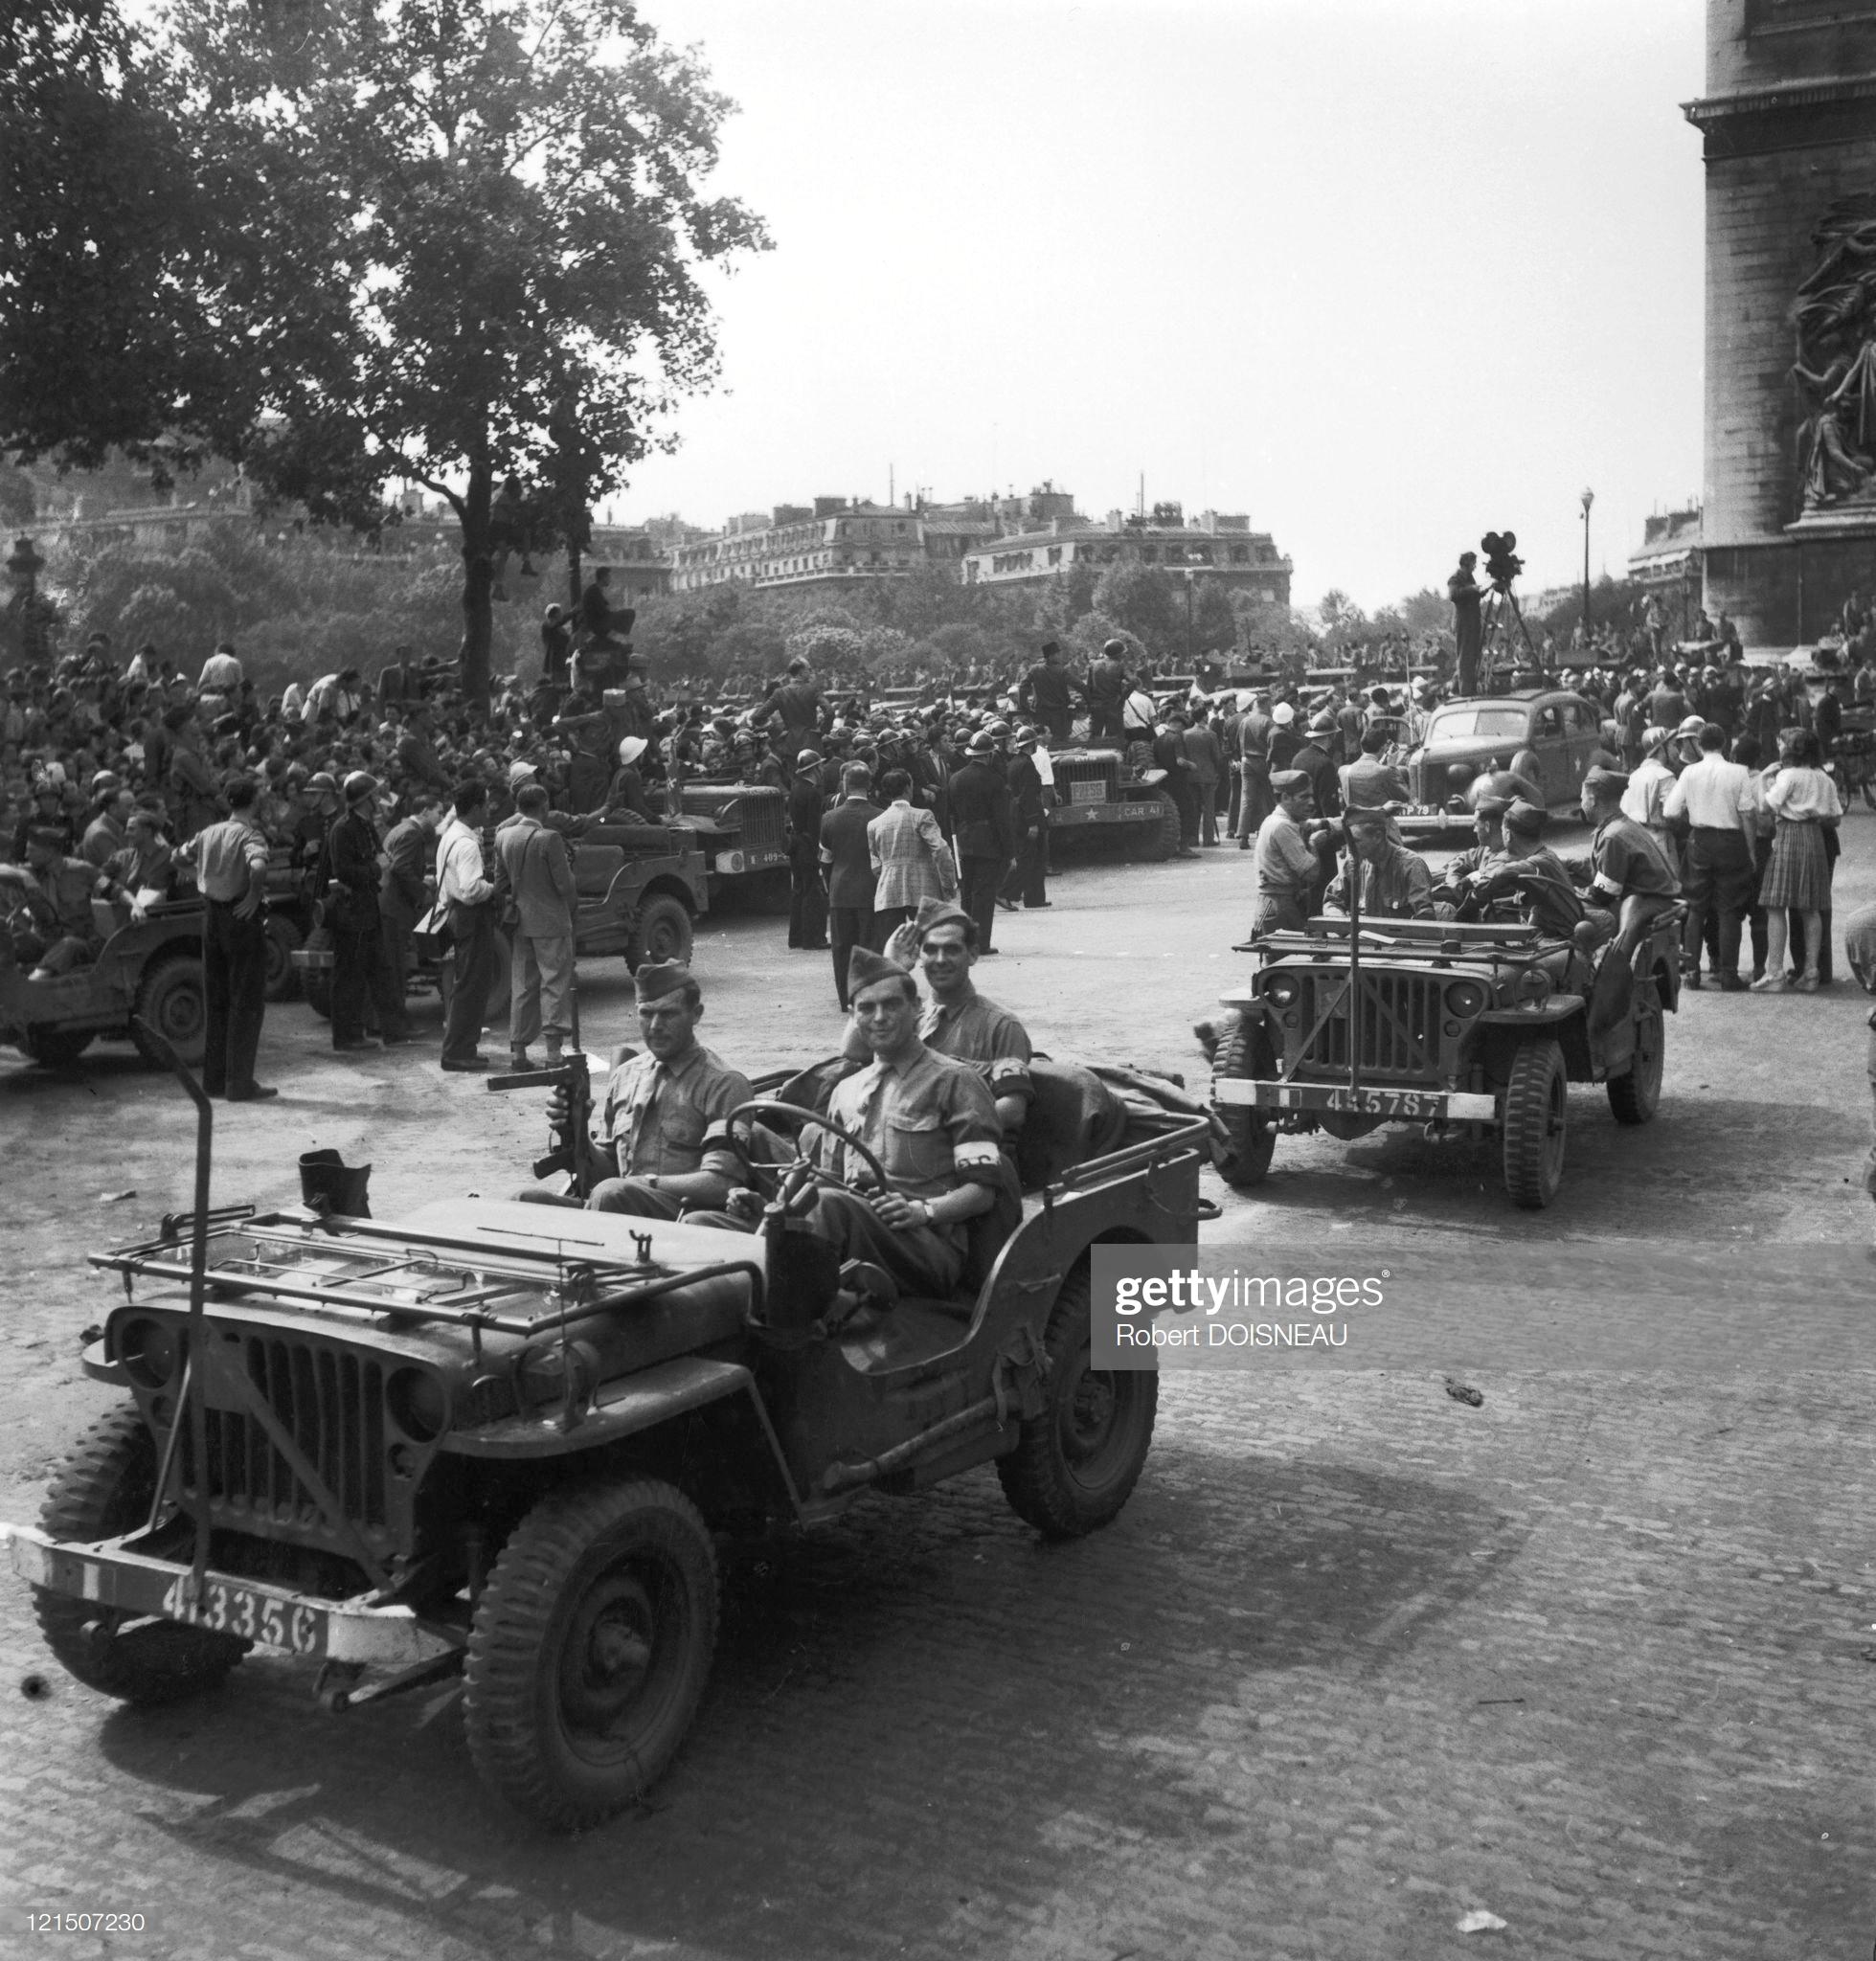 1944. Освобождение Парижа. Военный парад на Елисейских полях. 1 августа